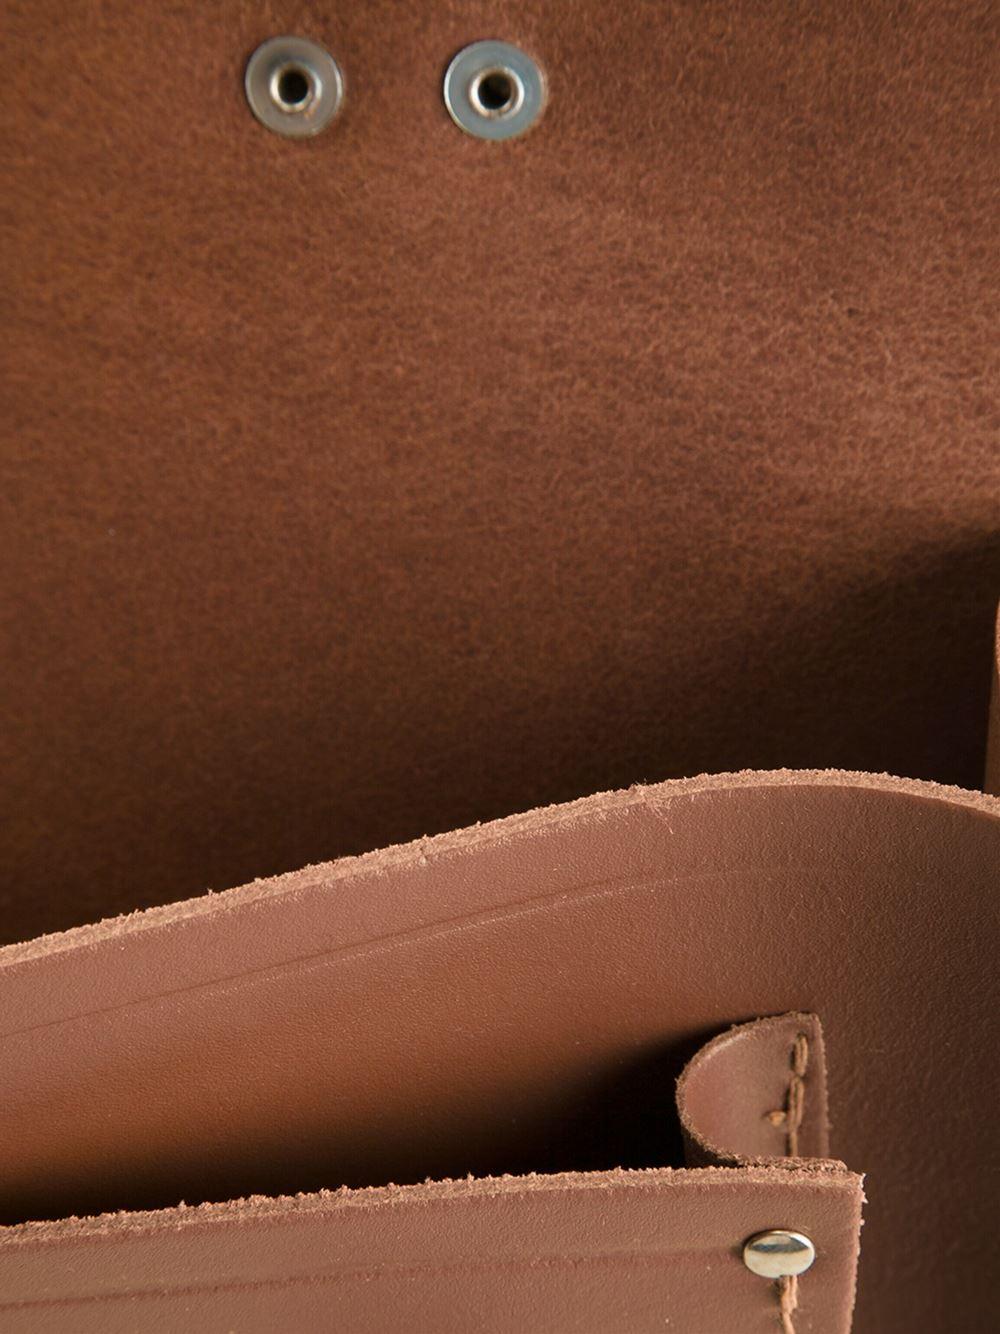 Cambridge Satchel Company 'Classic' Satchel in Brown